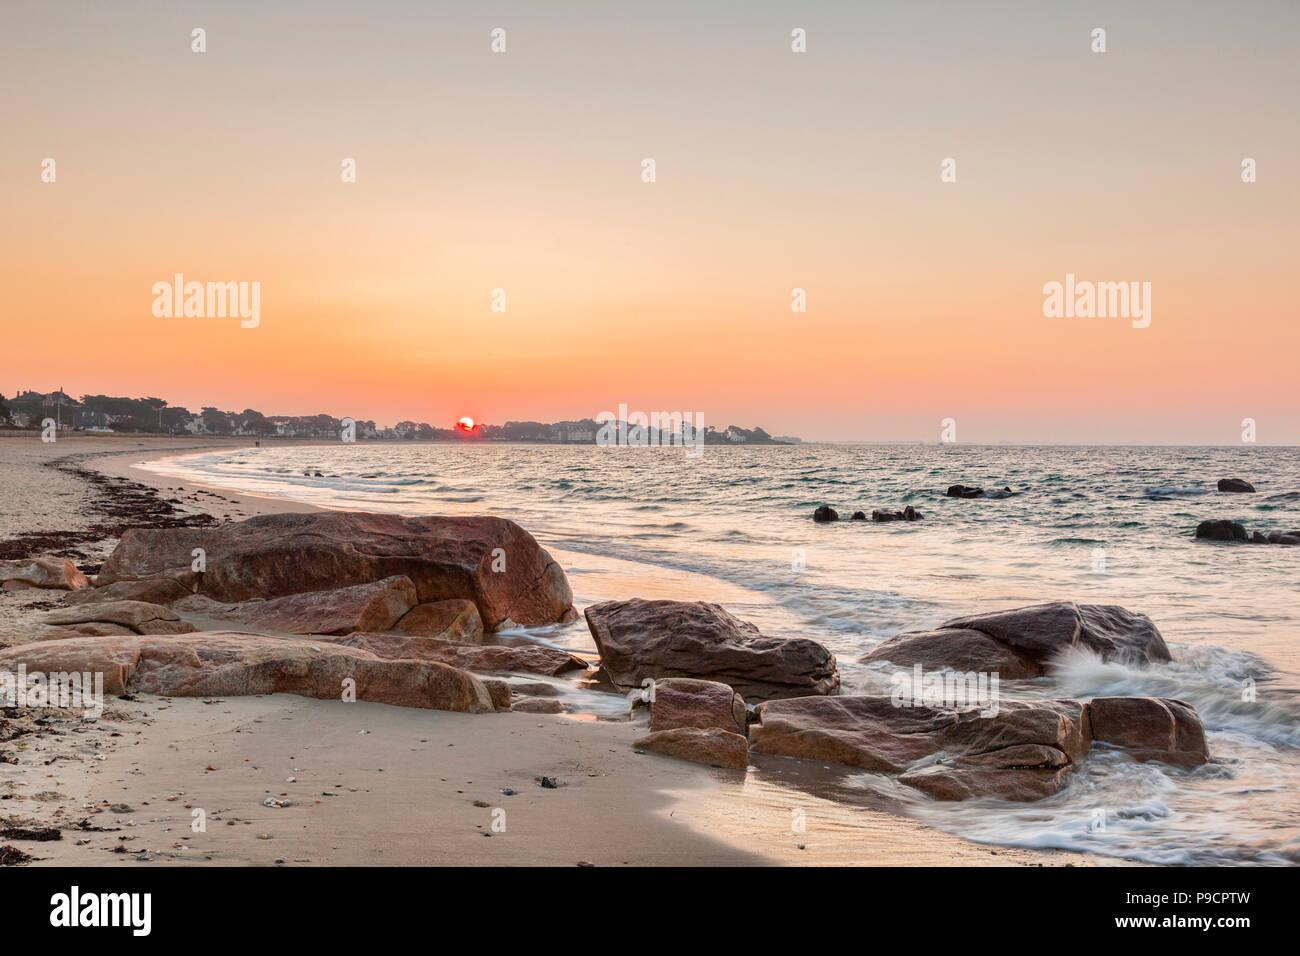 La plage de Carnac, Bretagne, France. Banque D'Images